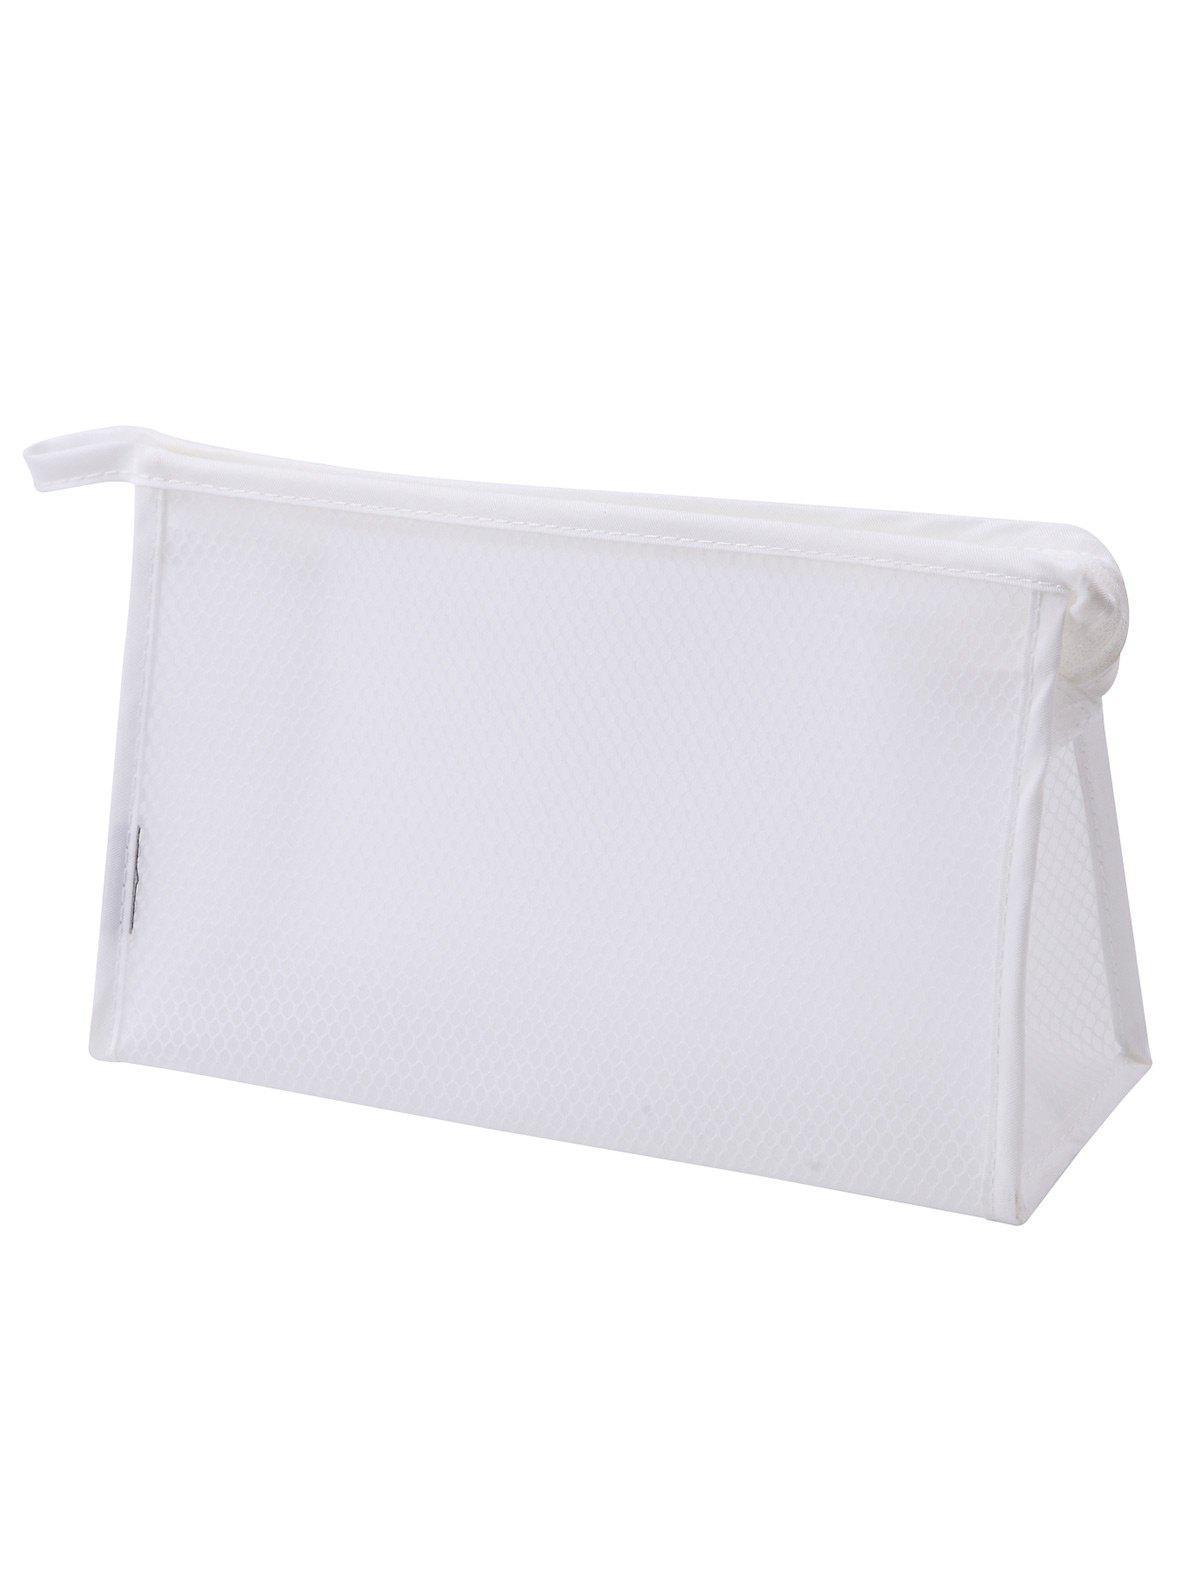 Mesh EVA Cosmetic Waterproof Makeup Bag 242120401